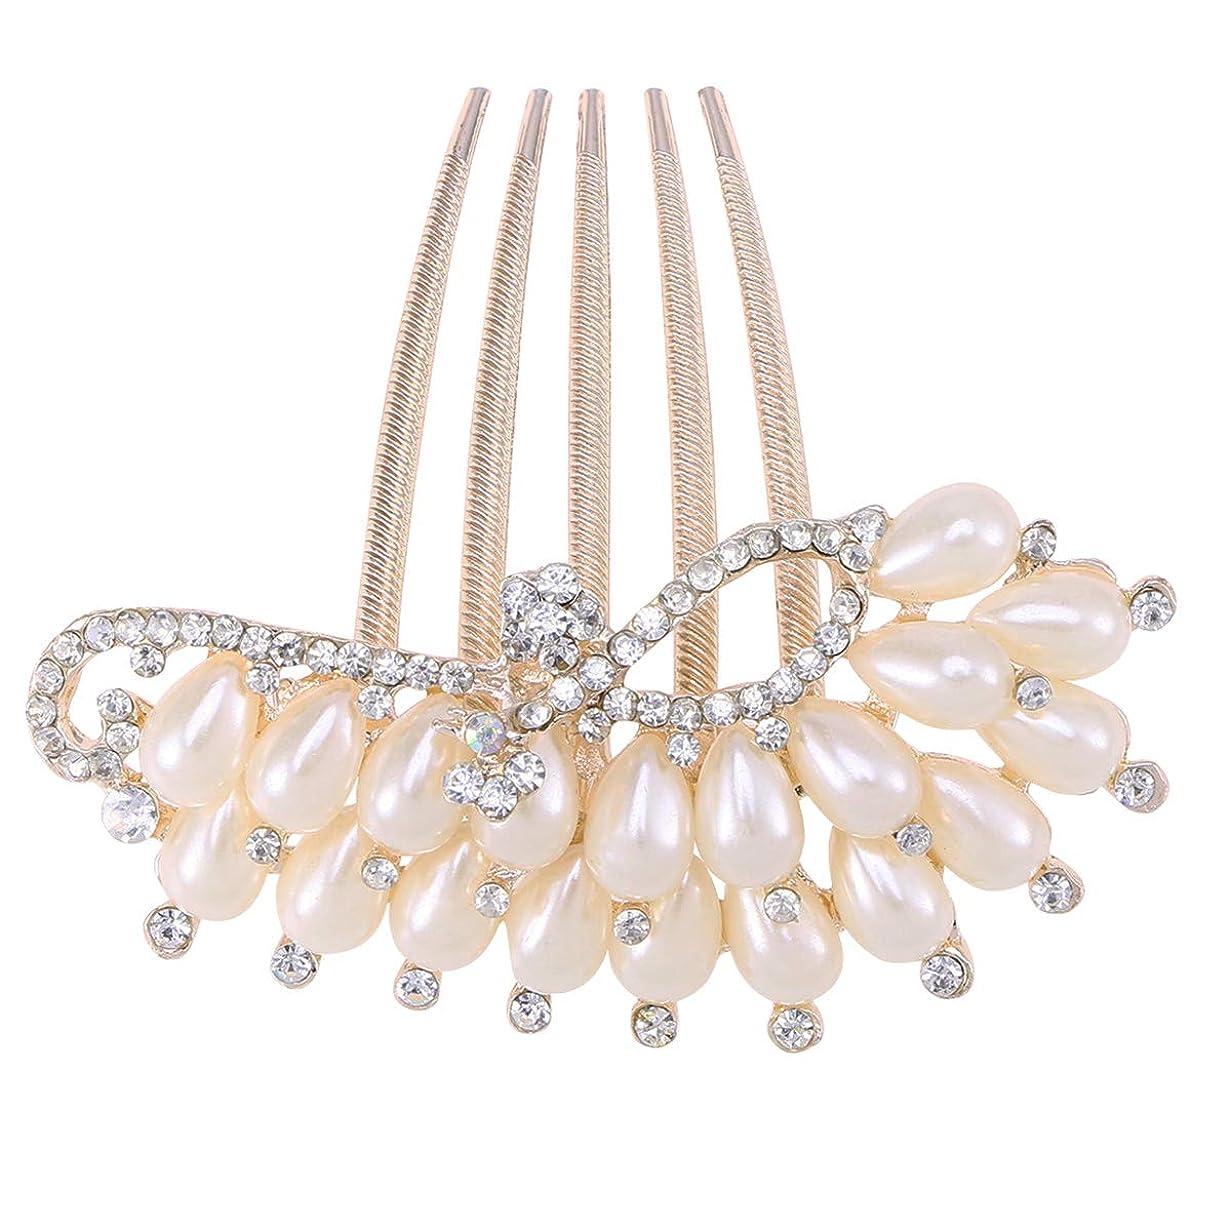 Beaupretty 結婚式の装飾的な髪の櫛の合金クリスタルヘアの櫛の結婚式の頭飾りUpdoの櫛